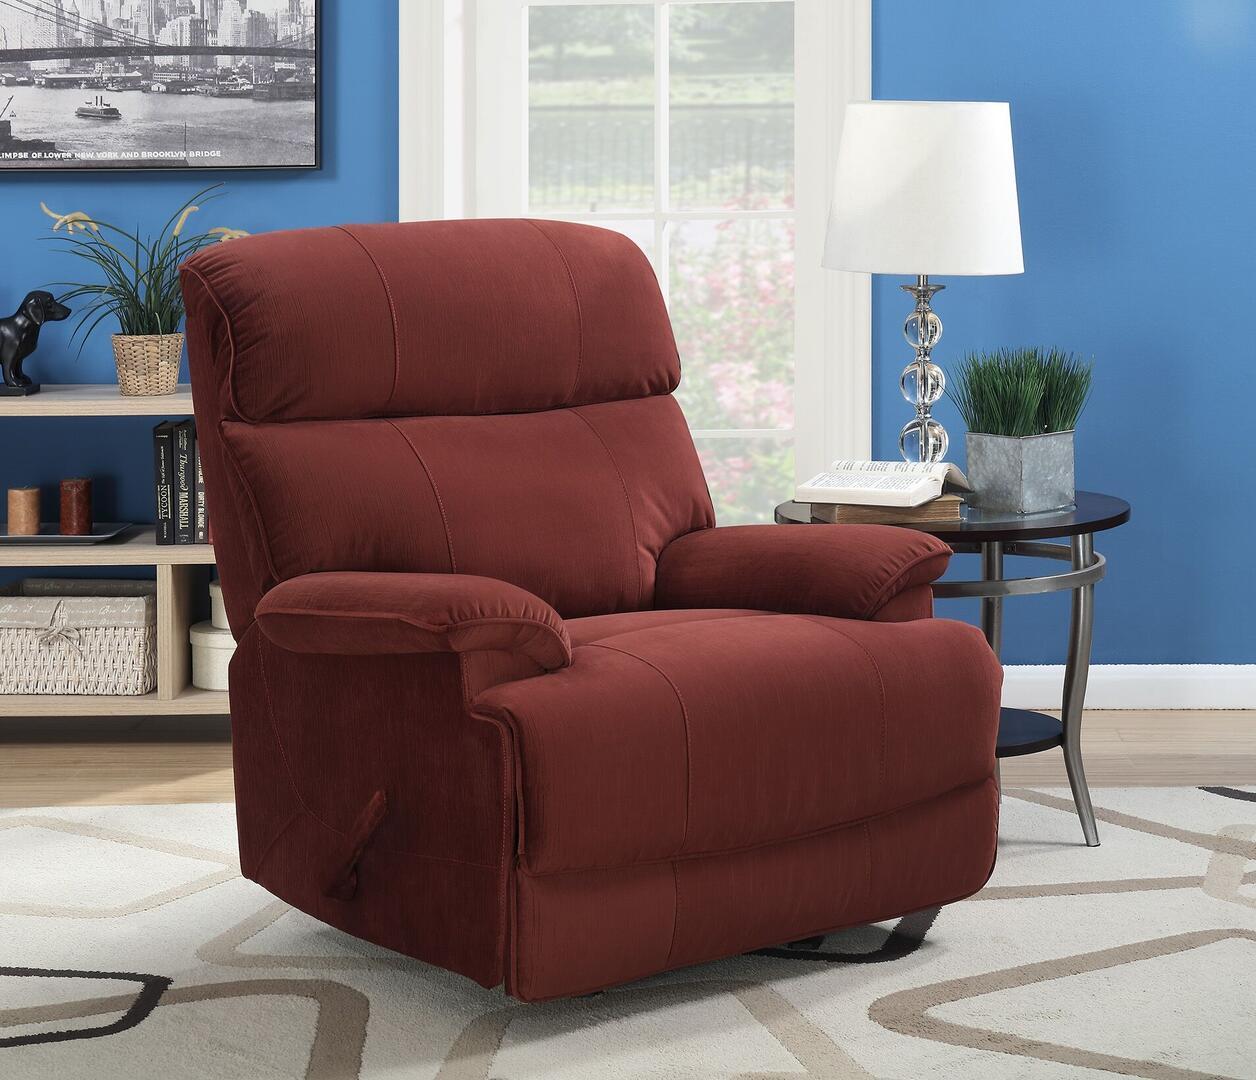 Sensational Barcalounger 63258224176 Customarchery Wood Chair Design Ideas Customarcherynet